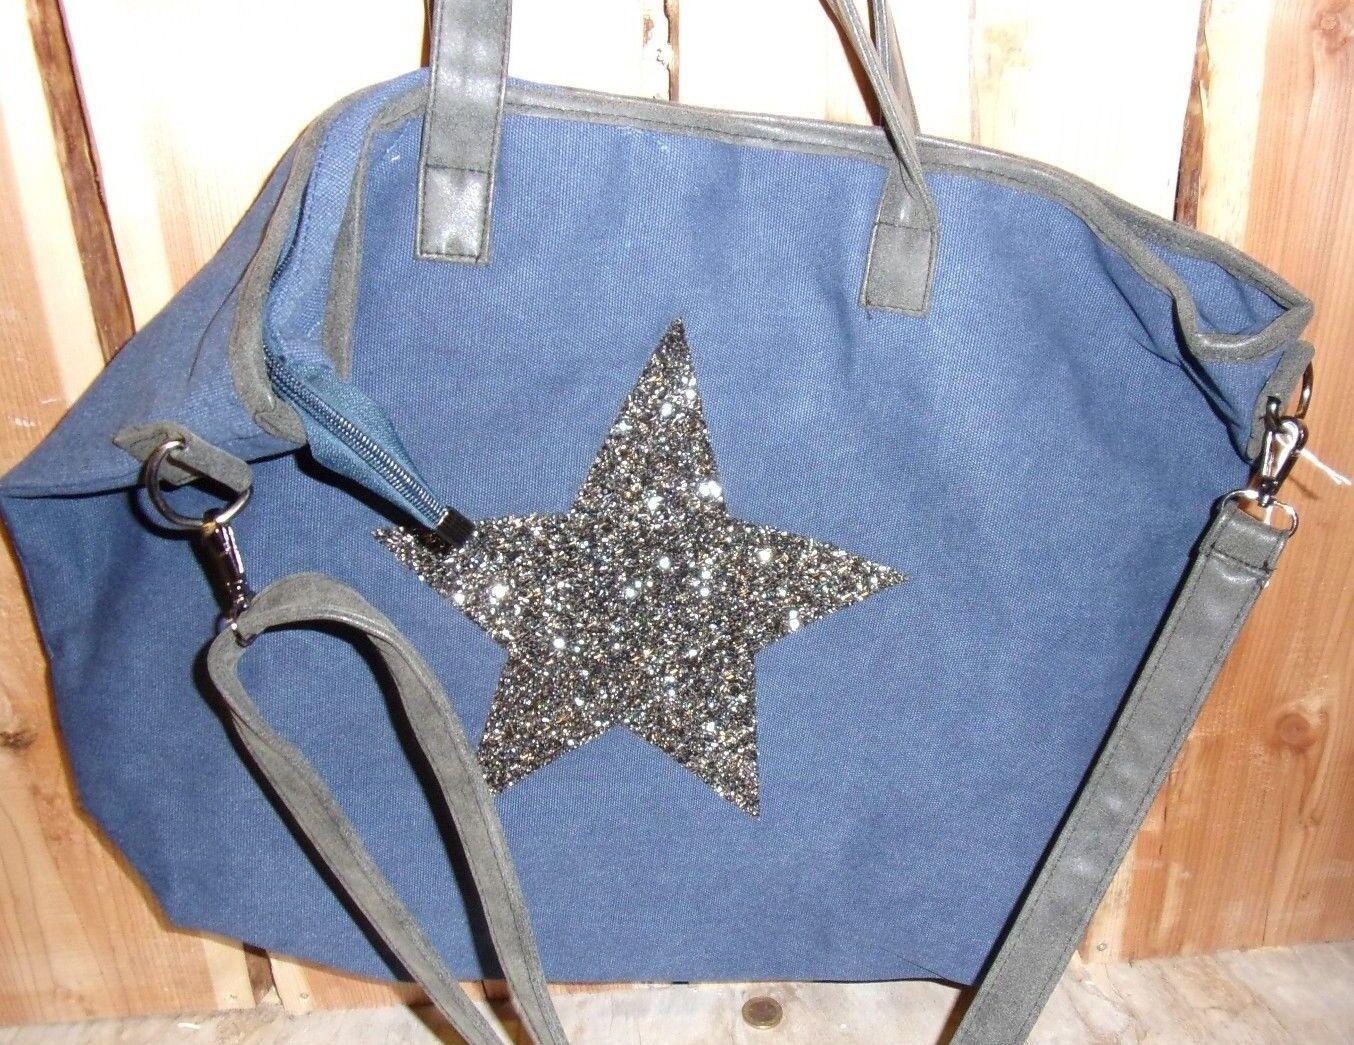 344a513e3b729 XL Tasche Schultertasche Shopper Shopper Shopper blau Stern groß Handtasche